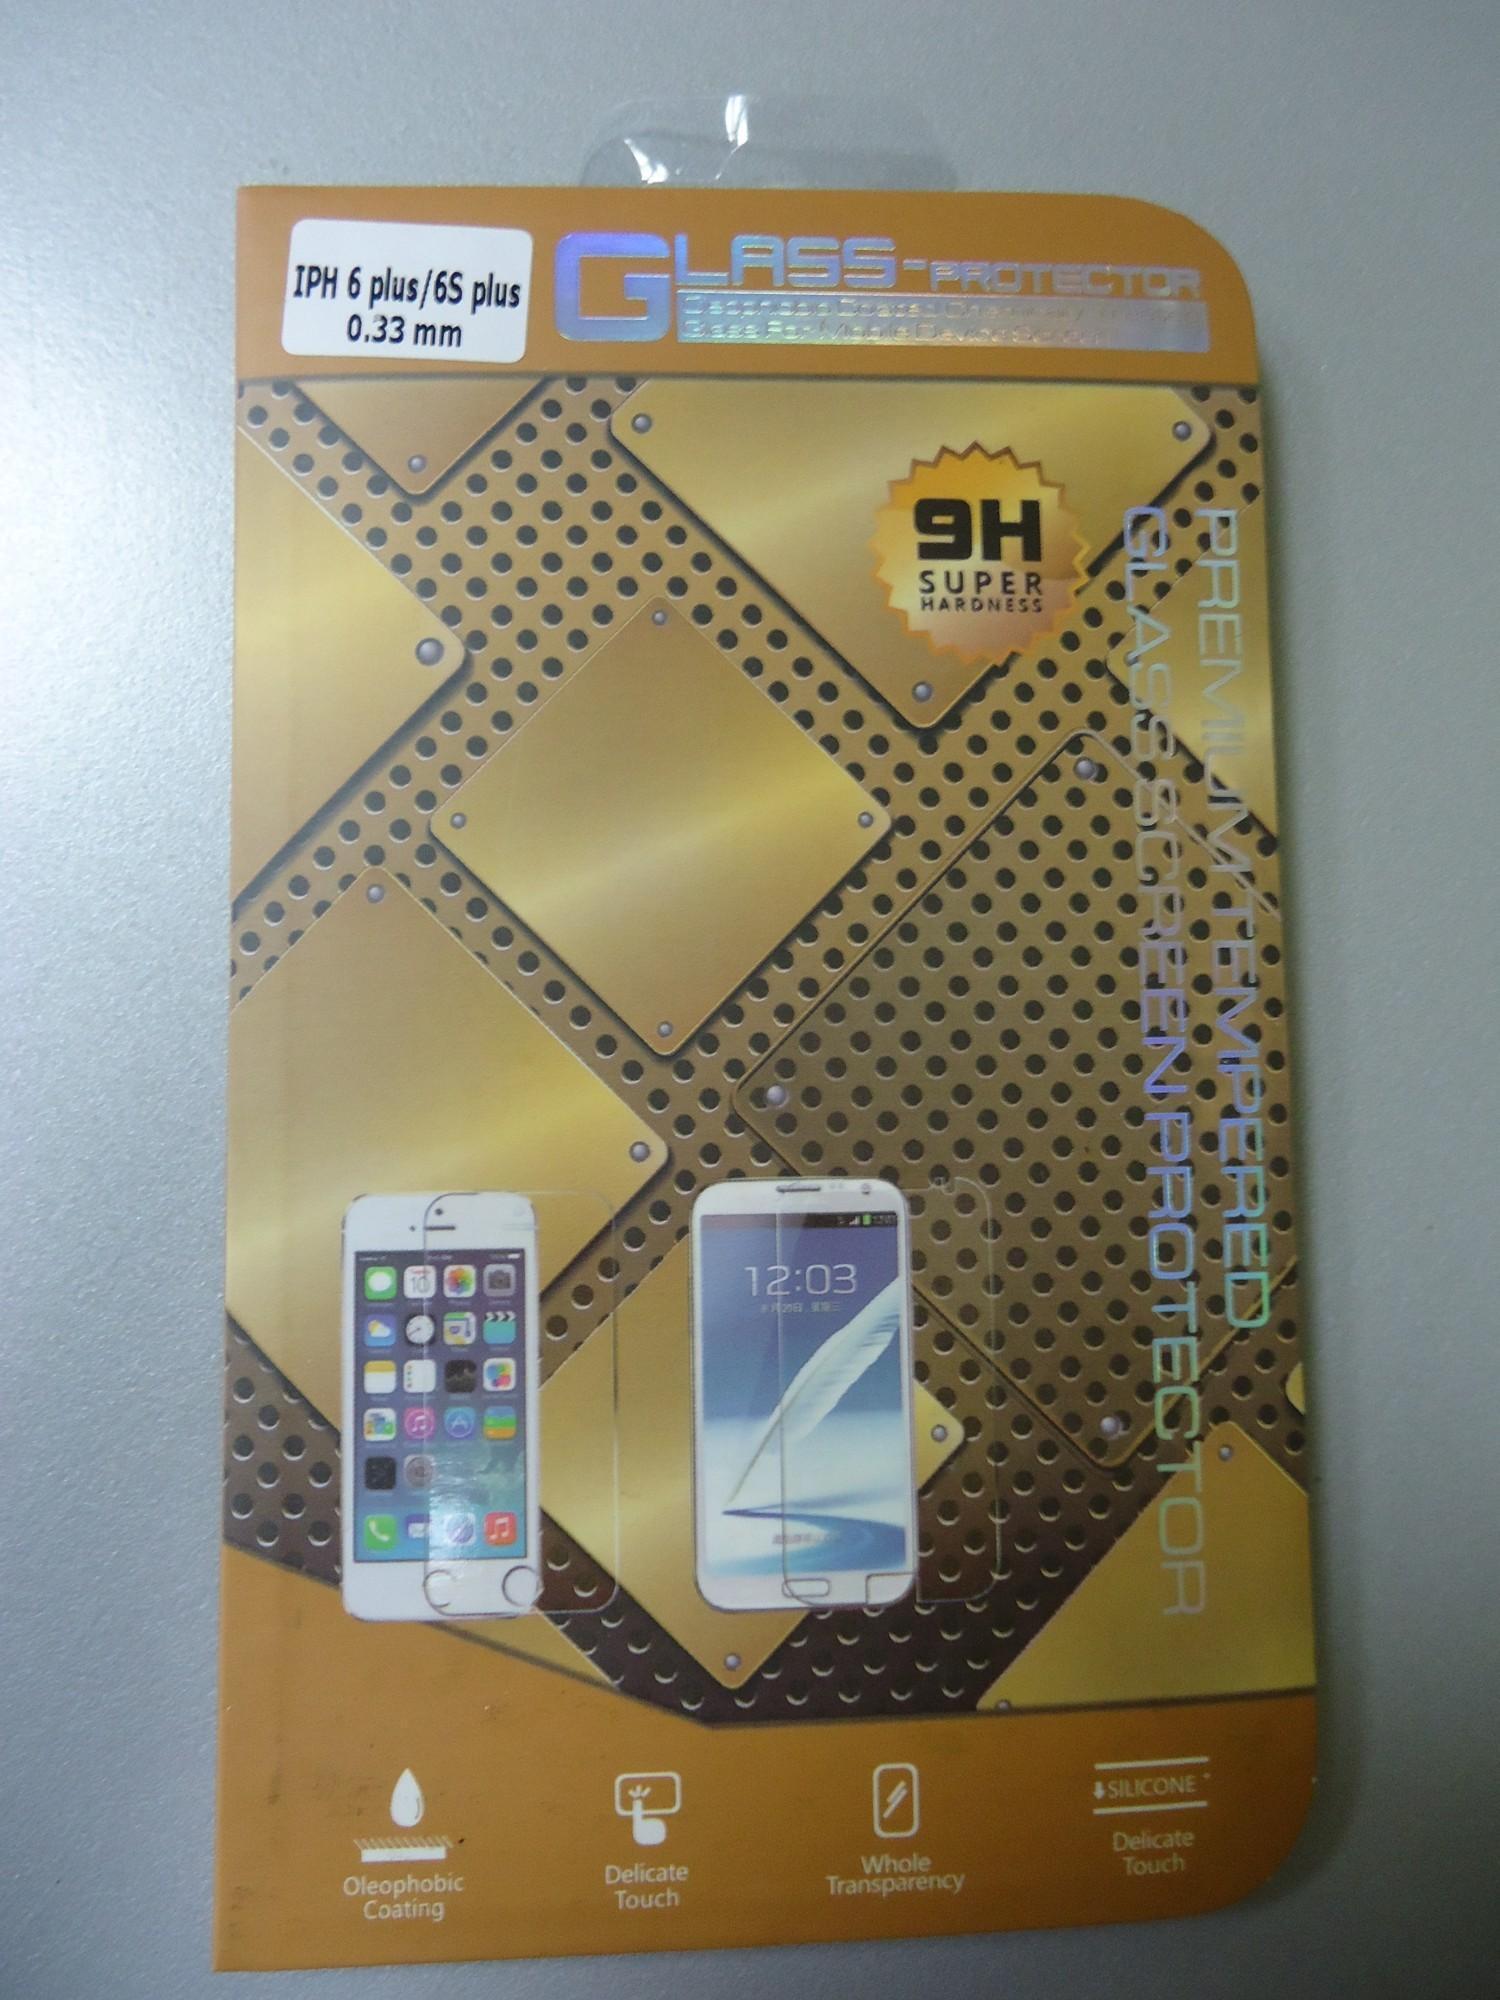 38ce586ce09 Ekraani kaitseklaas iPhone 6 plus/6S plus - Luutar